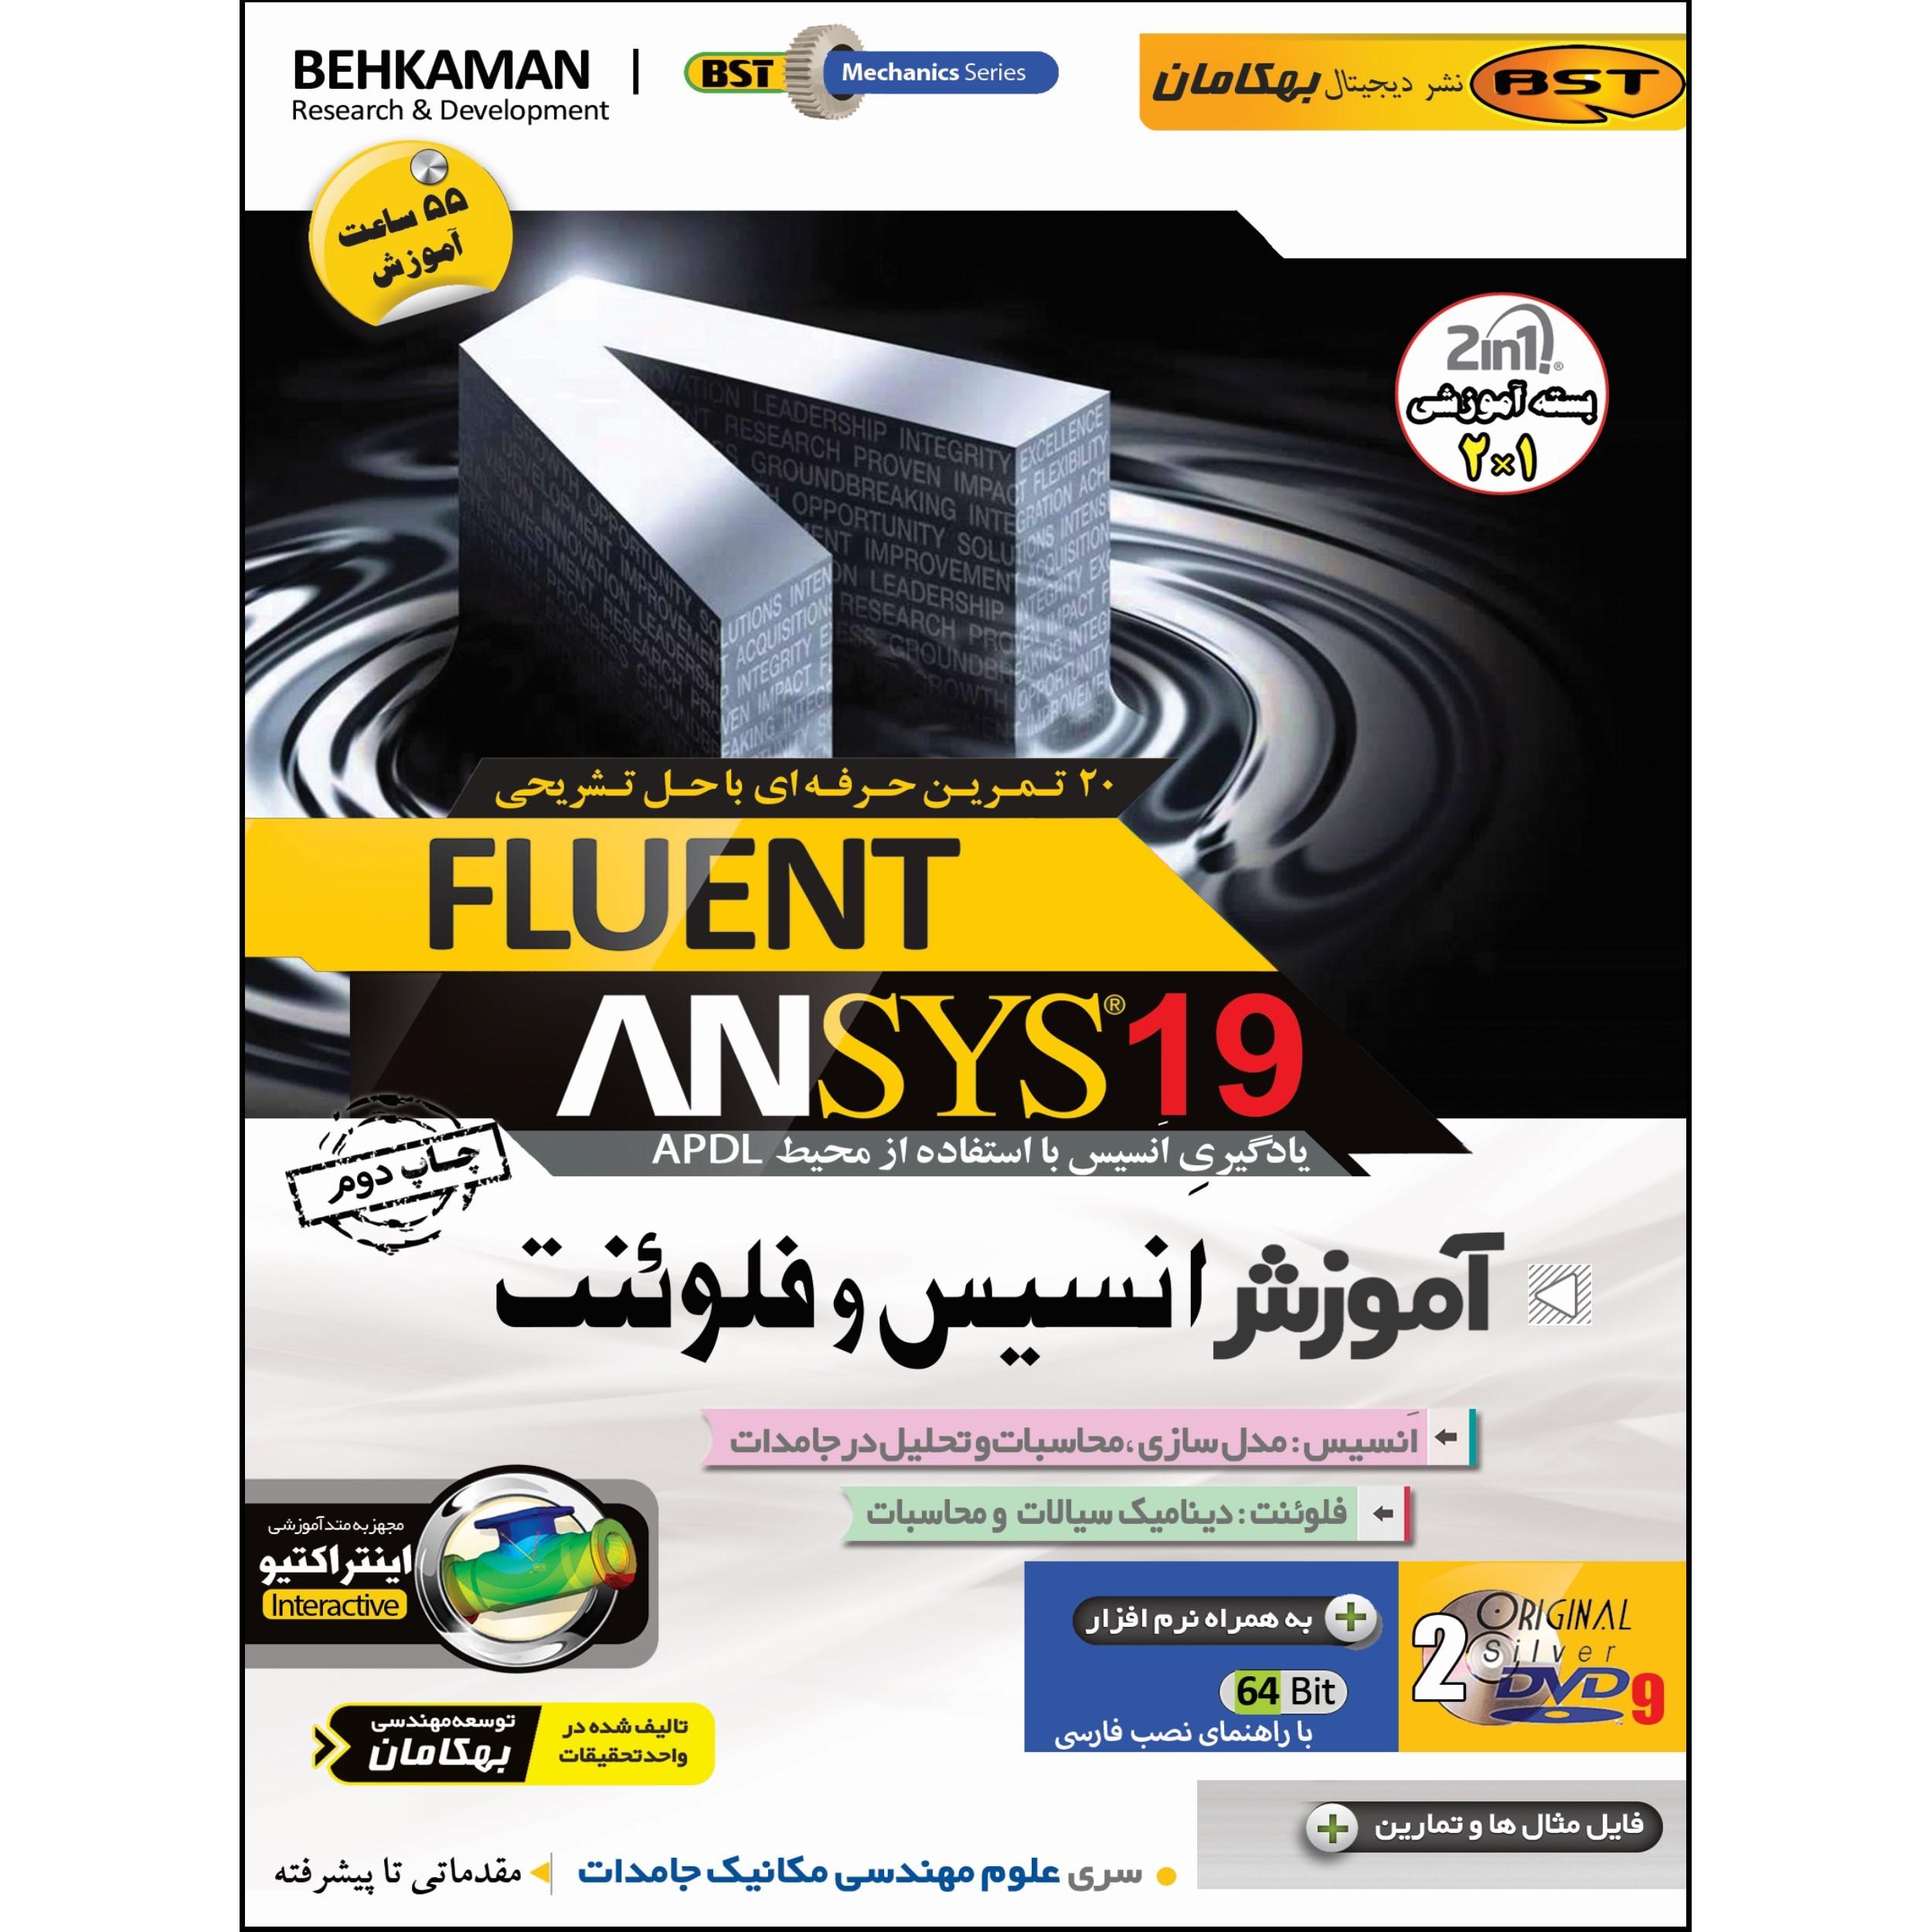 نرم افزار آموزش Ansys Fluent 19 نشر بهکامان